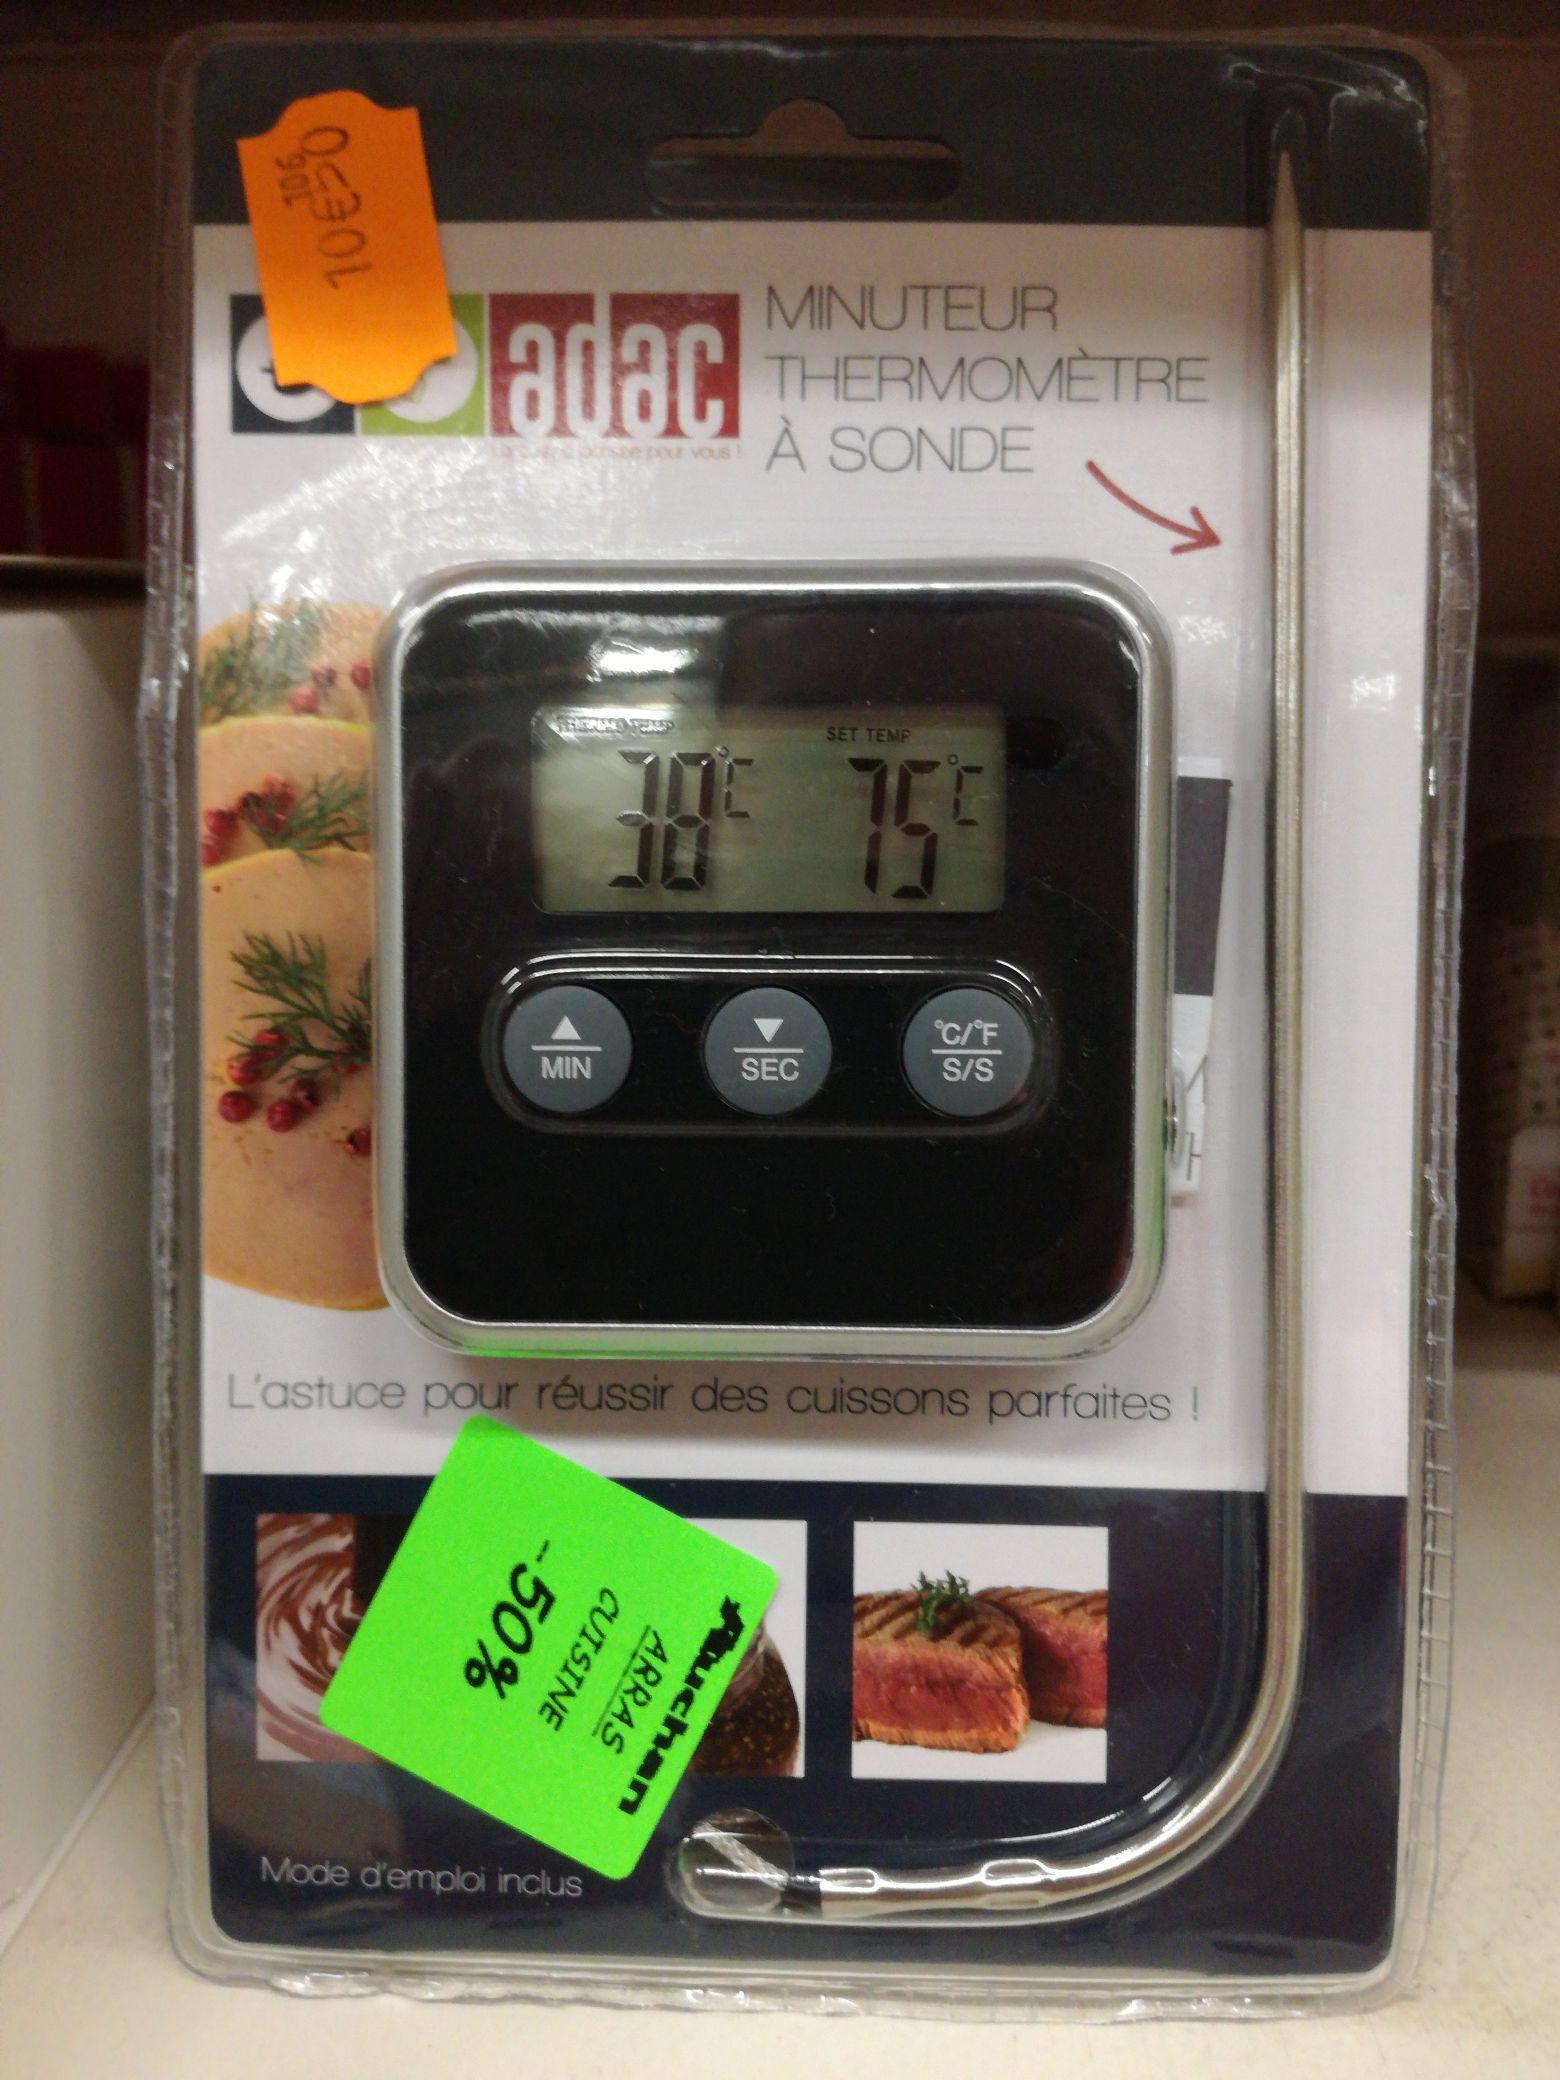 thermometre de cuisson Adac